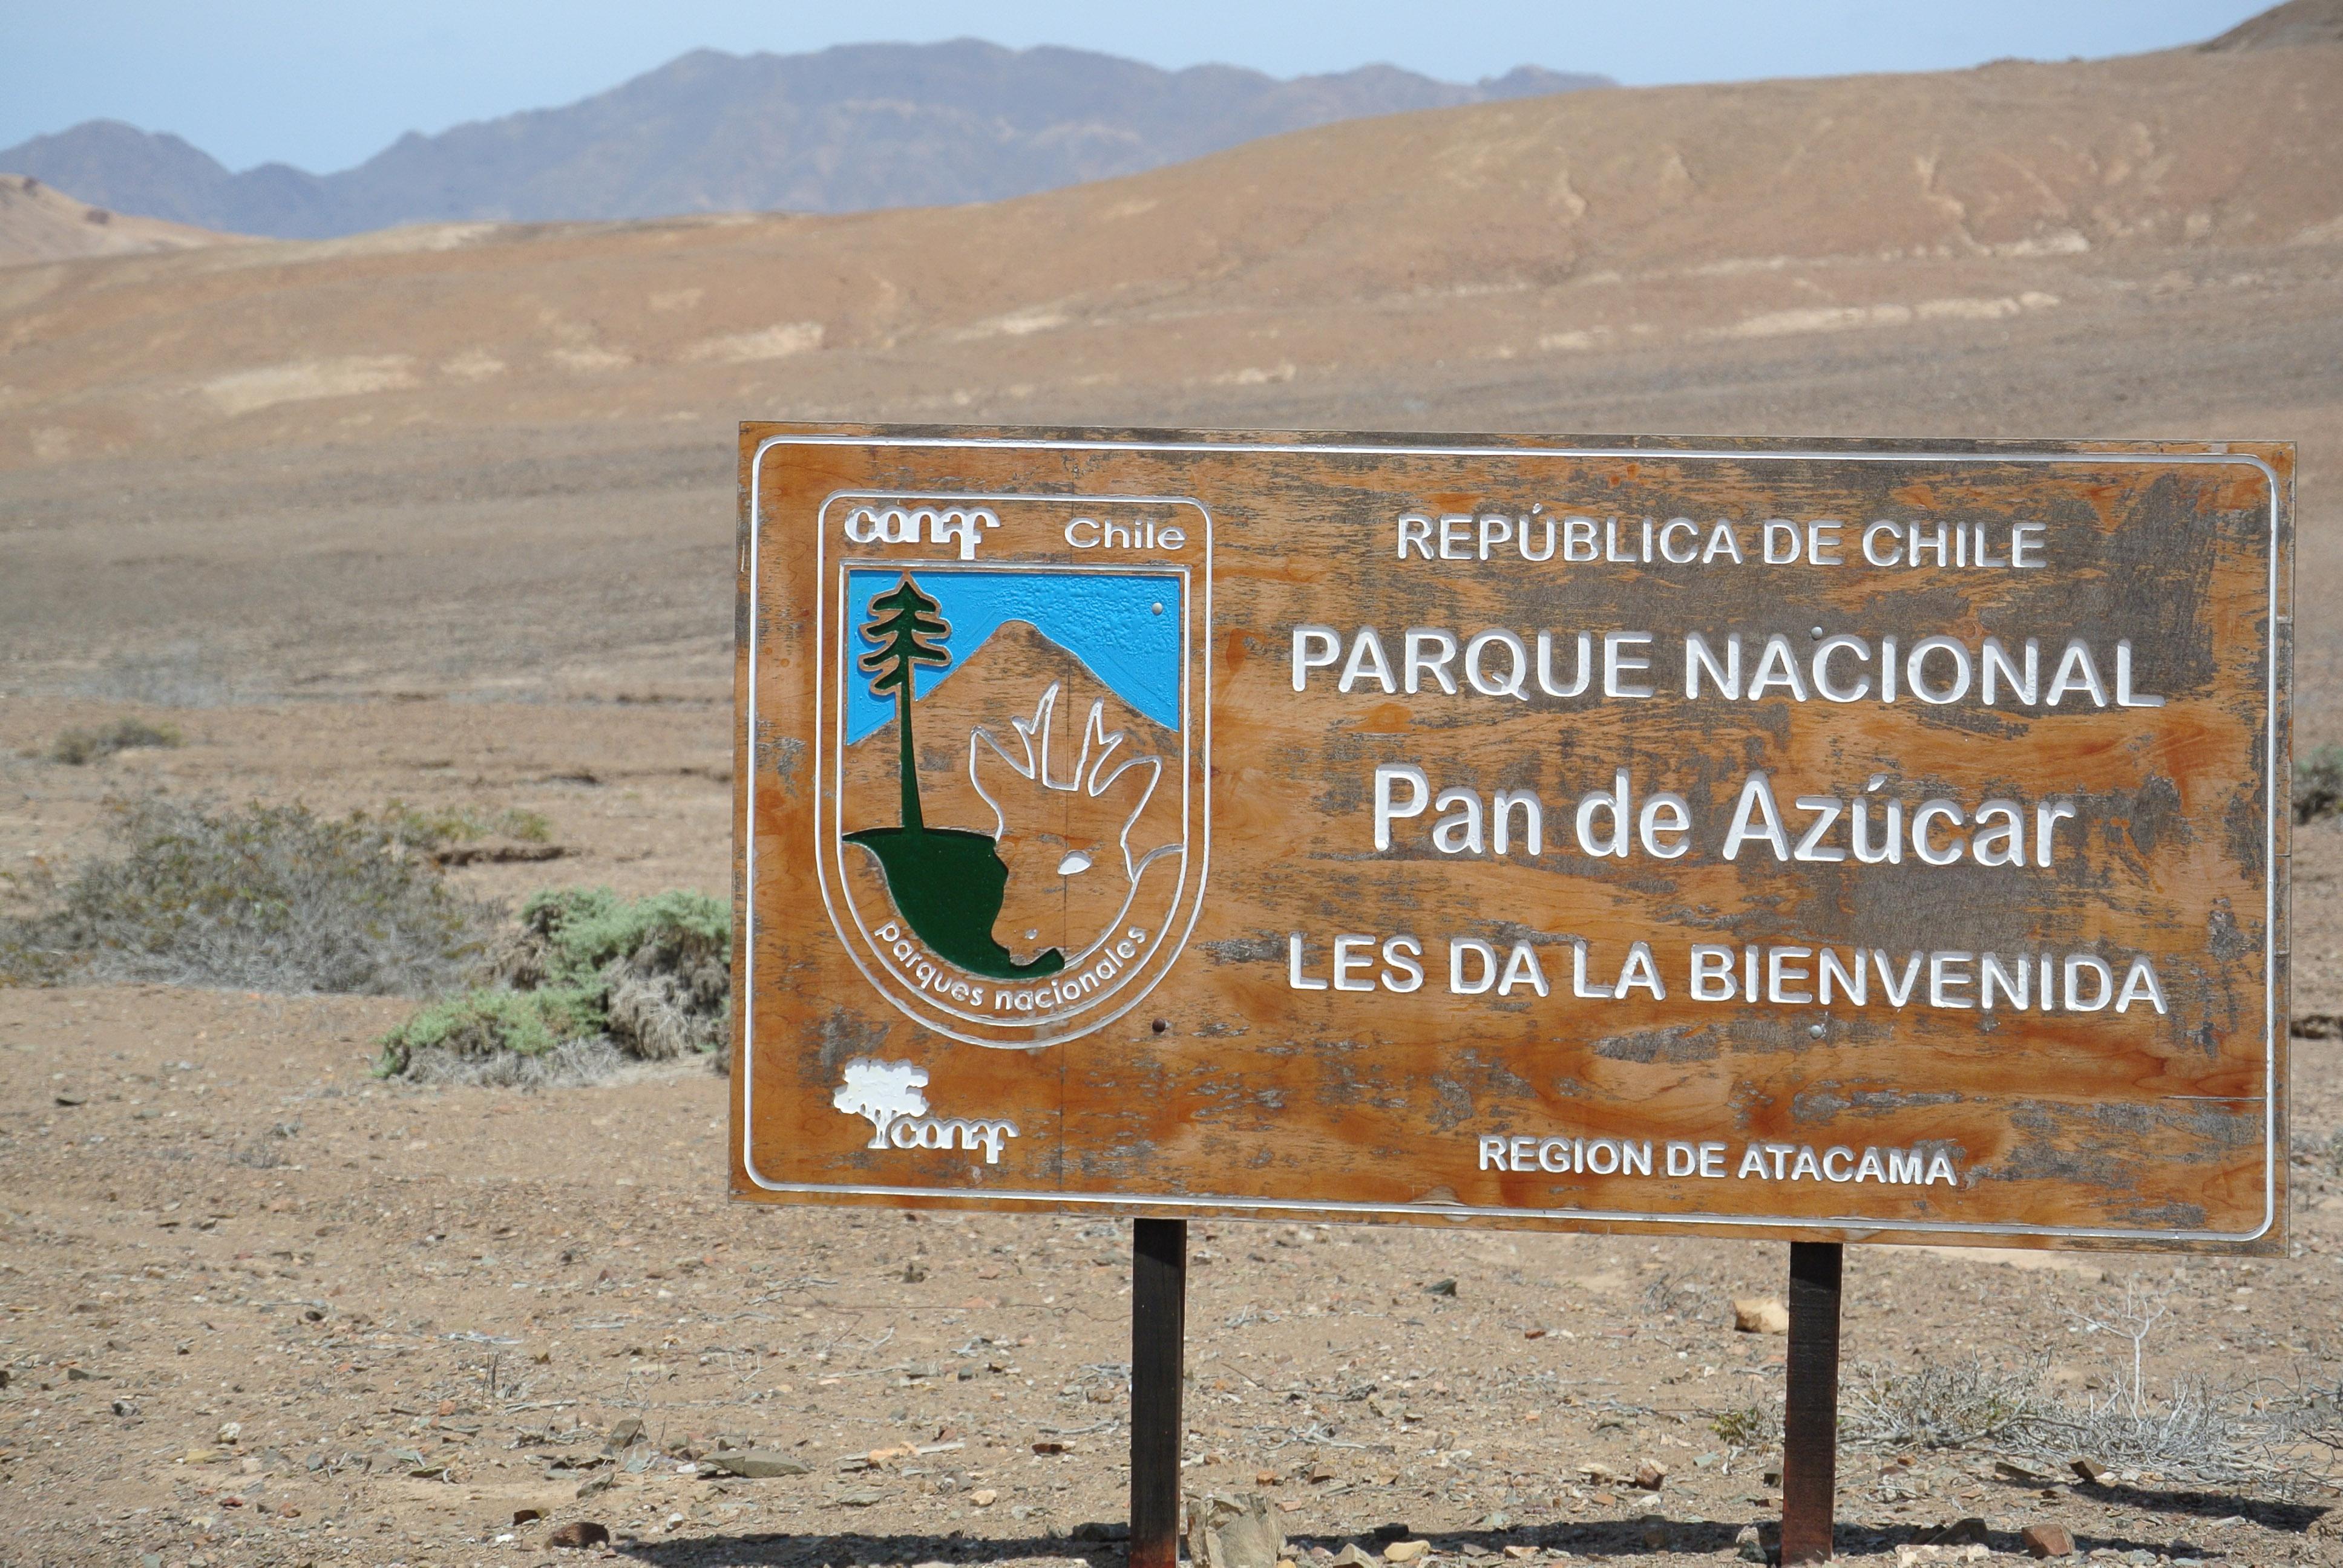 021 1812 Paposa - PN Pan de Azucar 2JPG